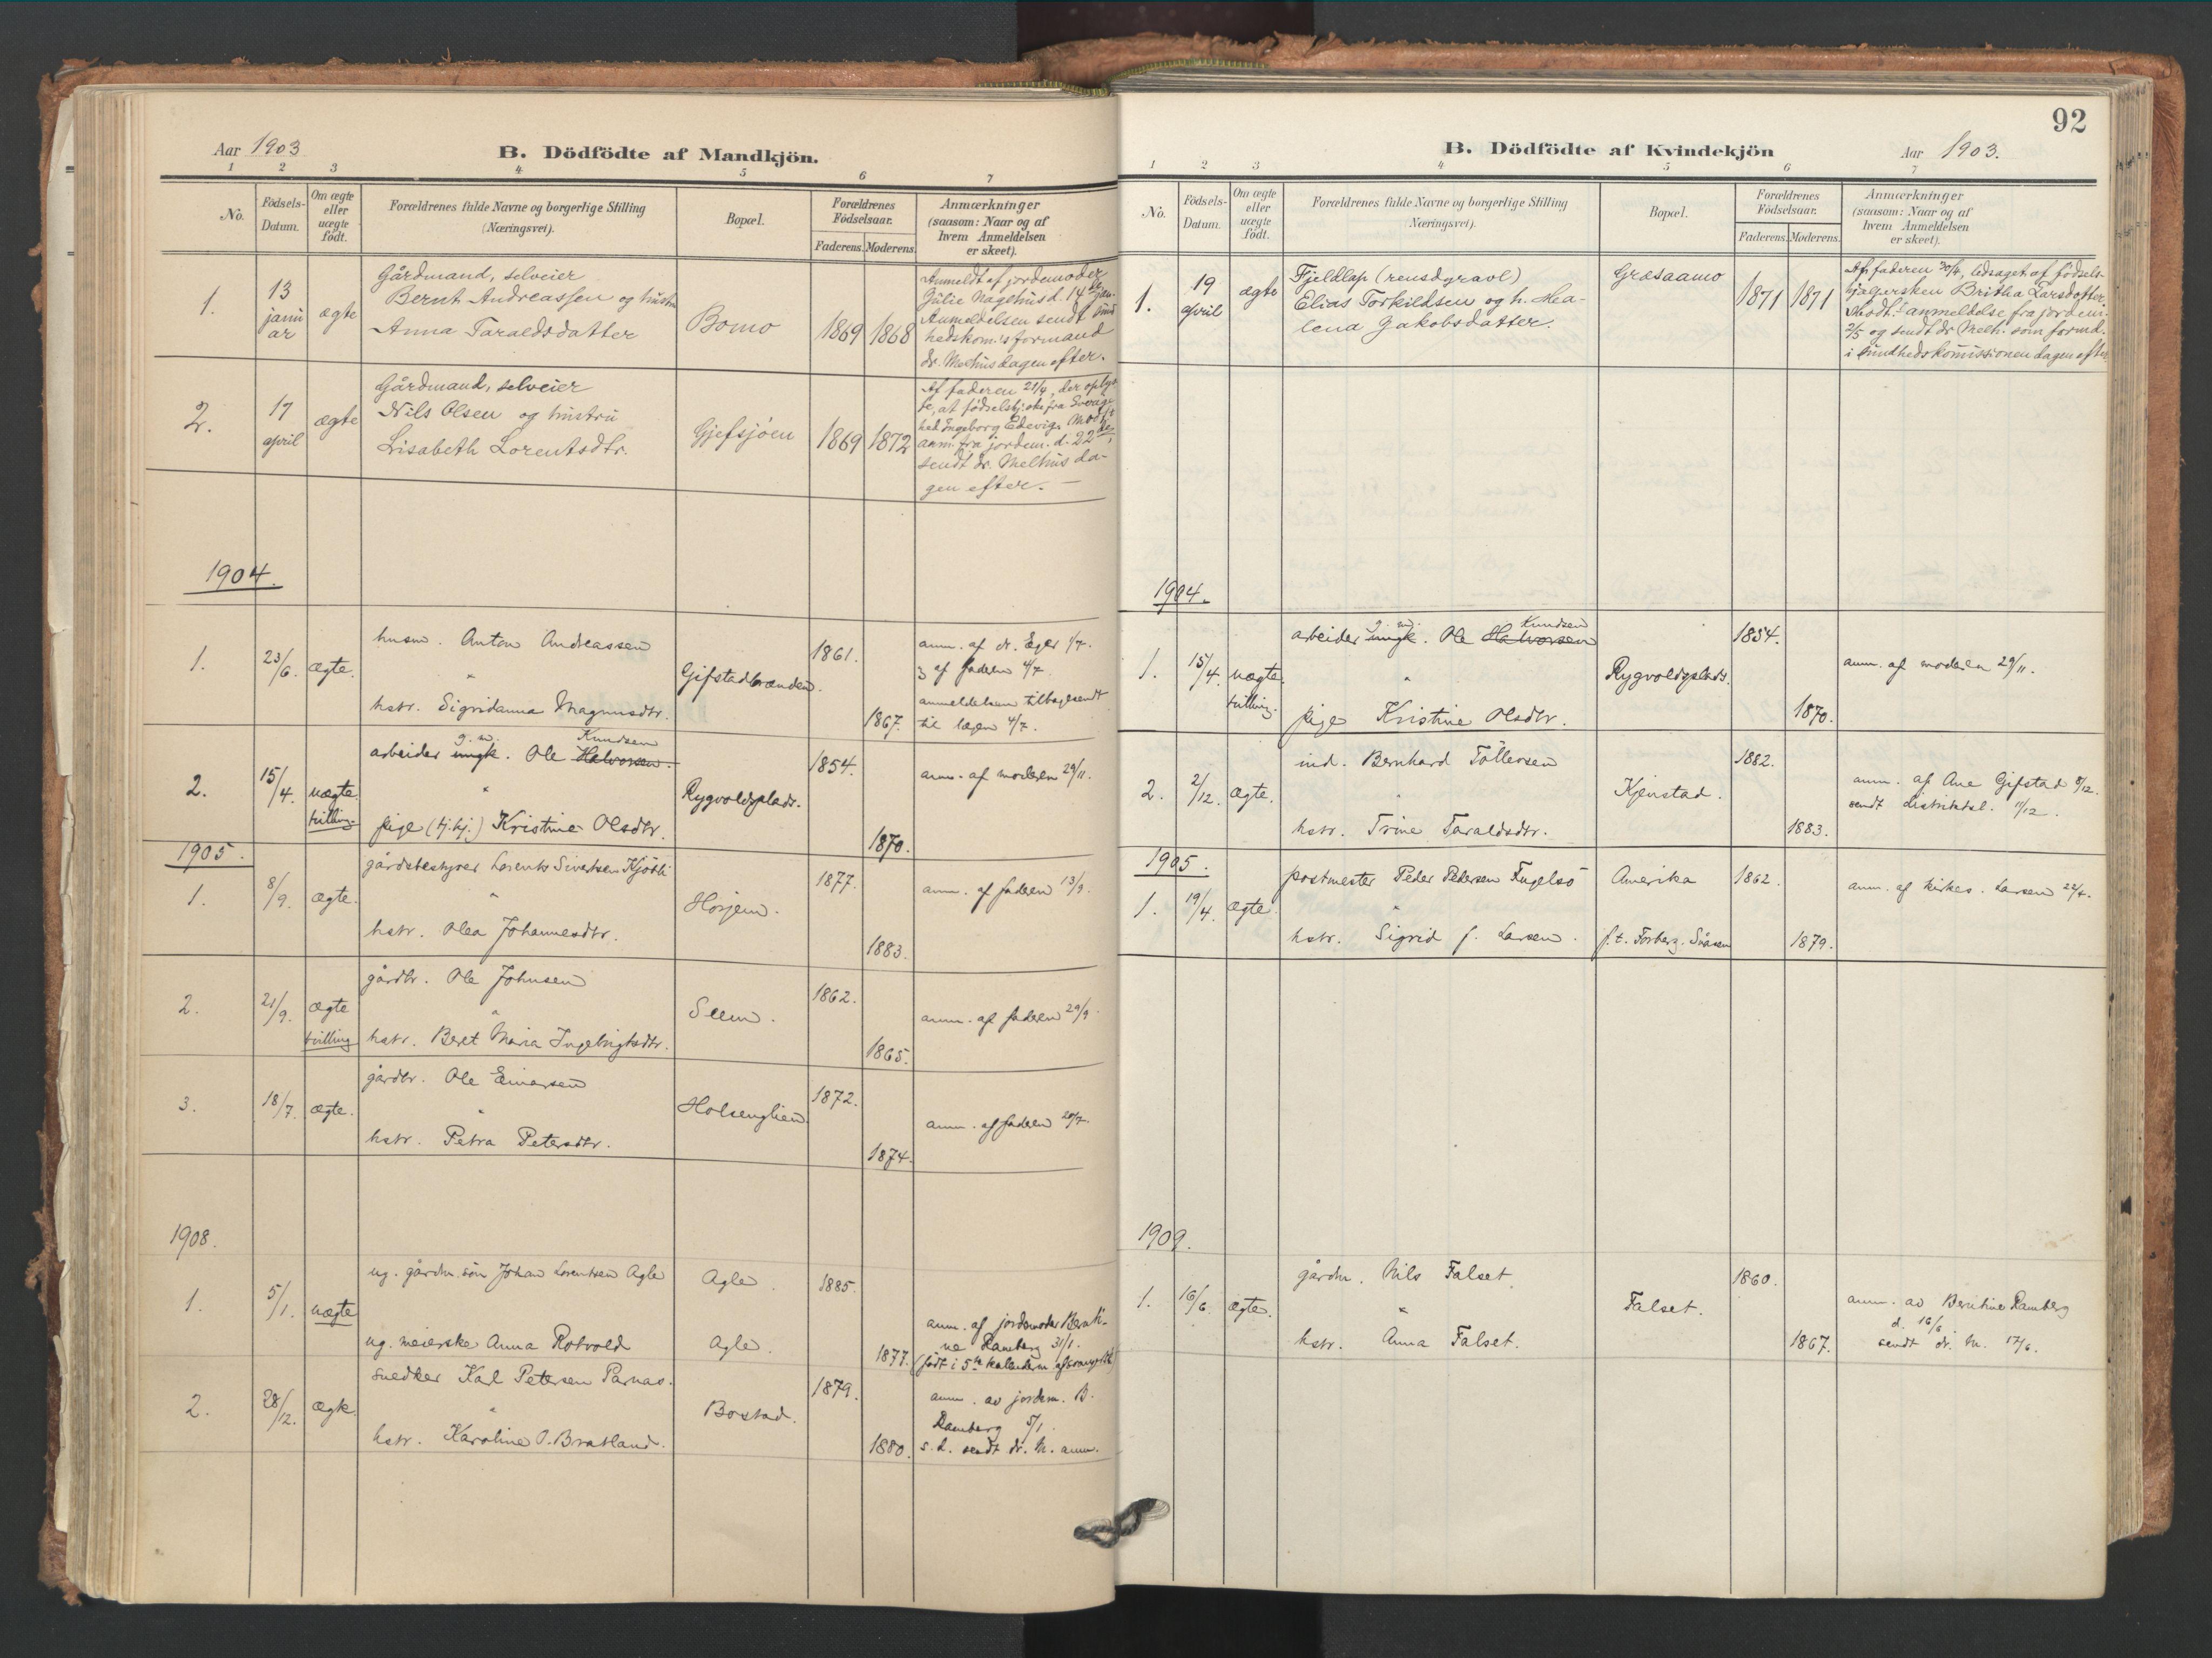 SAT, Ministerialprotokoller, klokkerbøker og fødselsregistre - Nord-Trøndelag, 749/L0477: Ministerialbok nr. 749A11, 1902-1927, s. 92